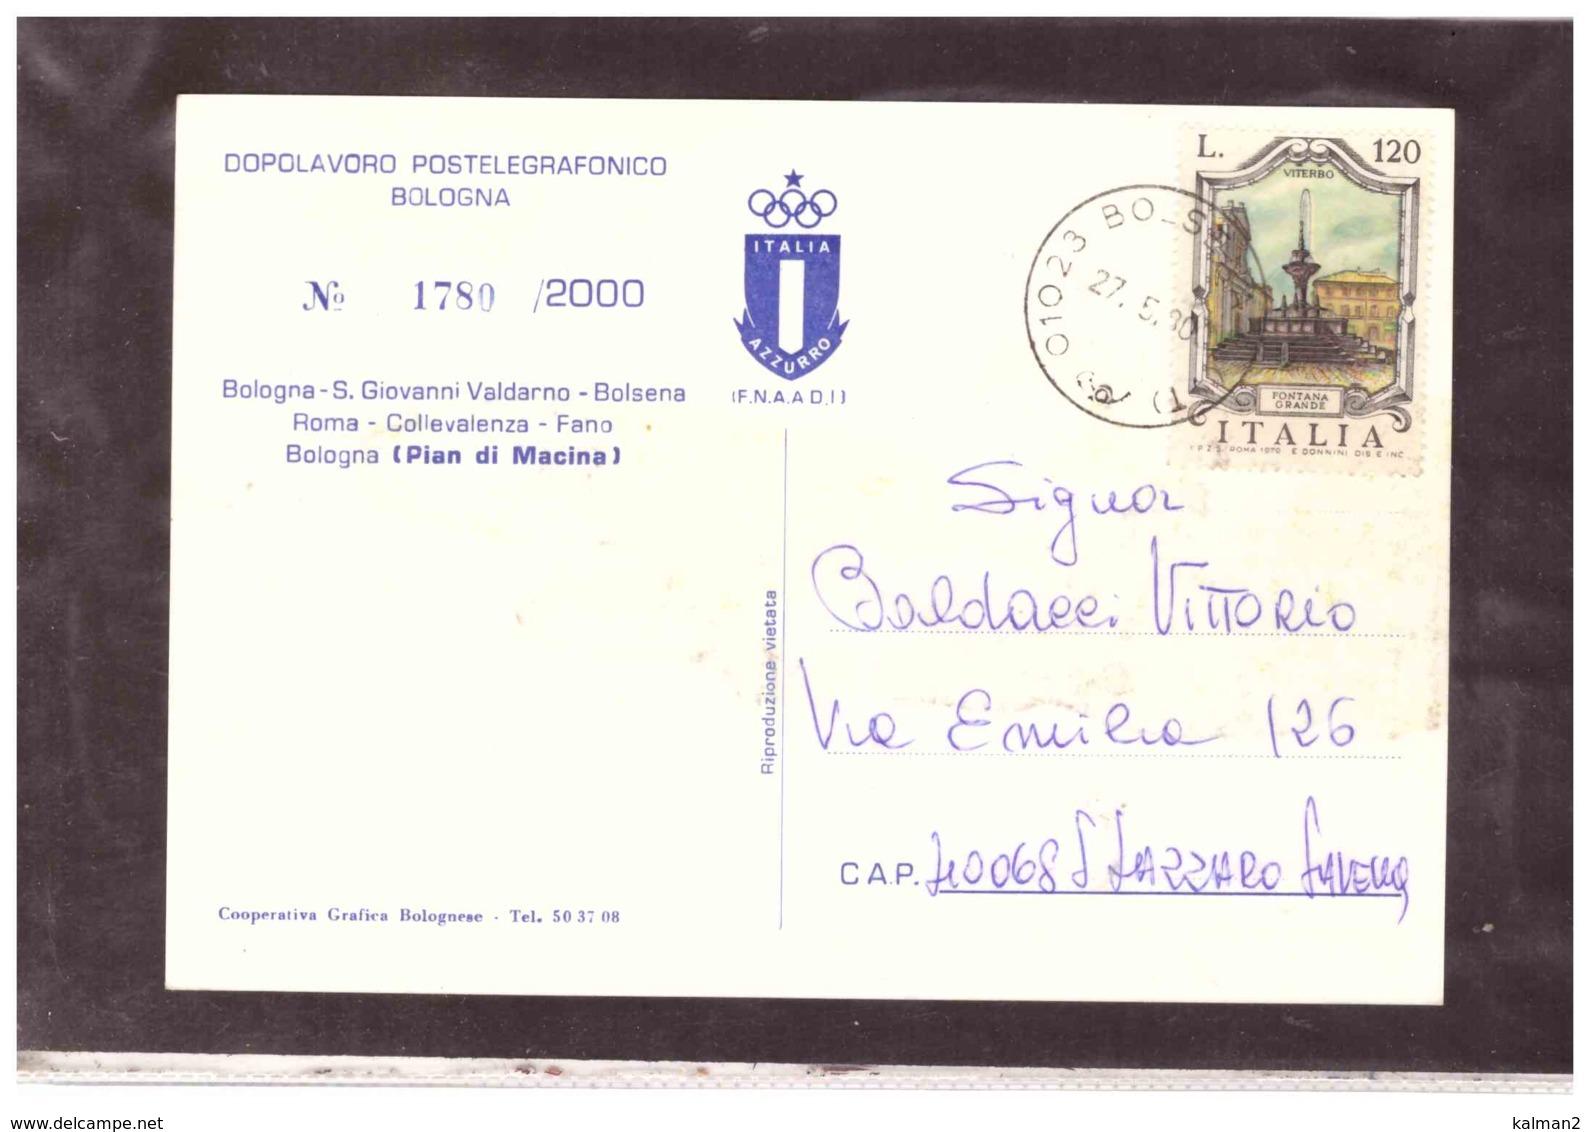 TEM4330   -   RAID - CICLOTURISTICO  BOLOGNA - ROMA - BOLOGNA   /    BOLSENA  27.5.1980 - Ciclismo